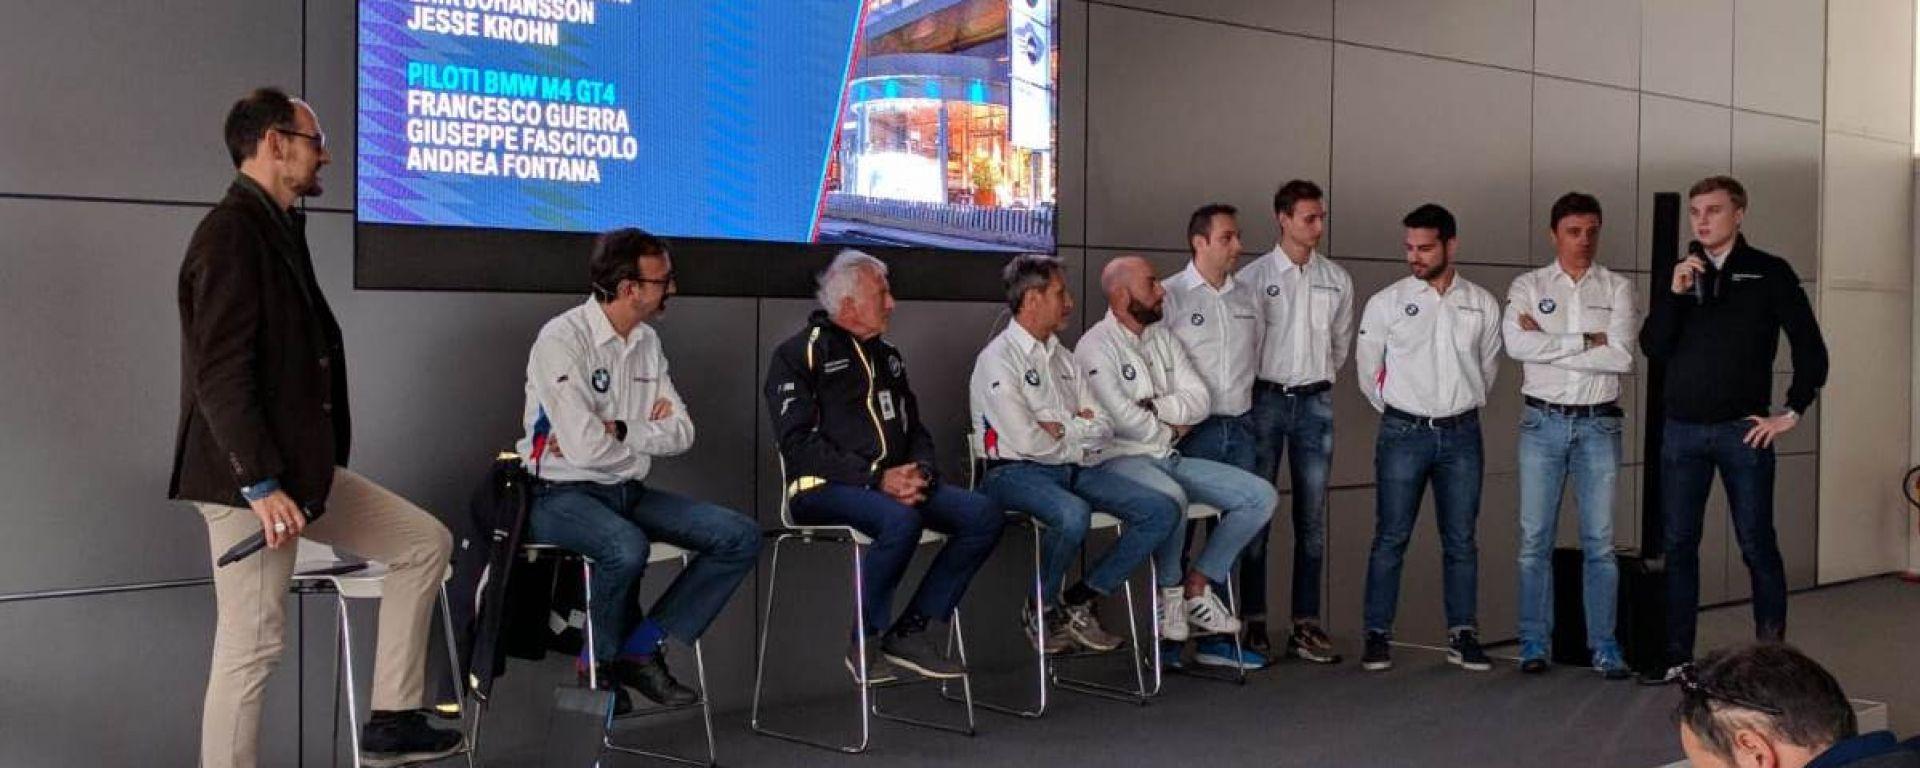 Presentati gli equipaggi BMW Team Italia per l'italiano GT